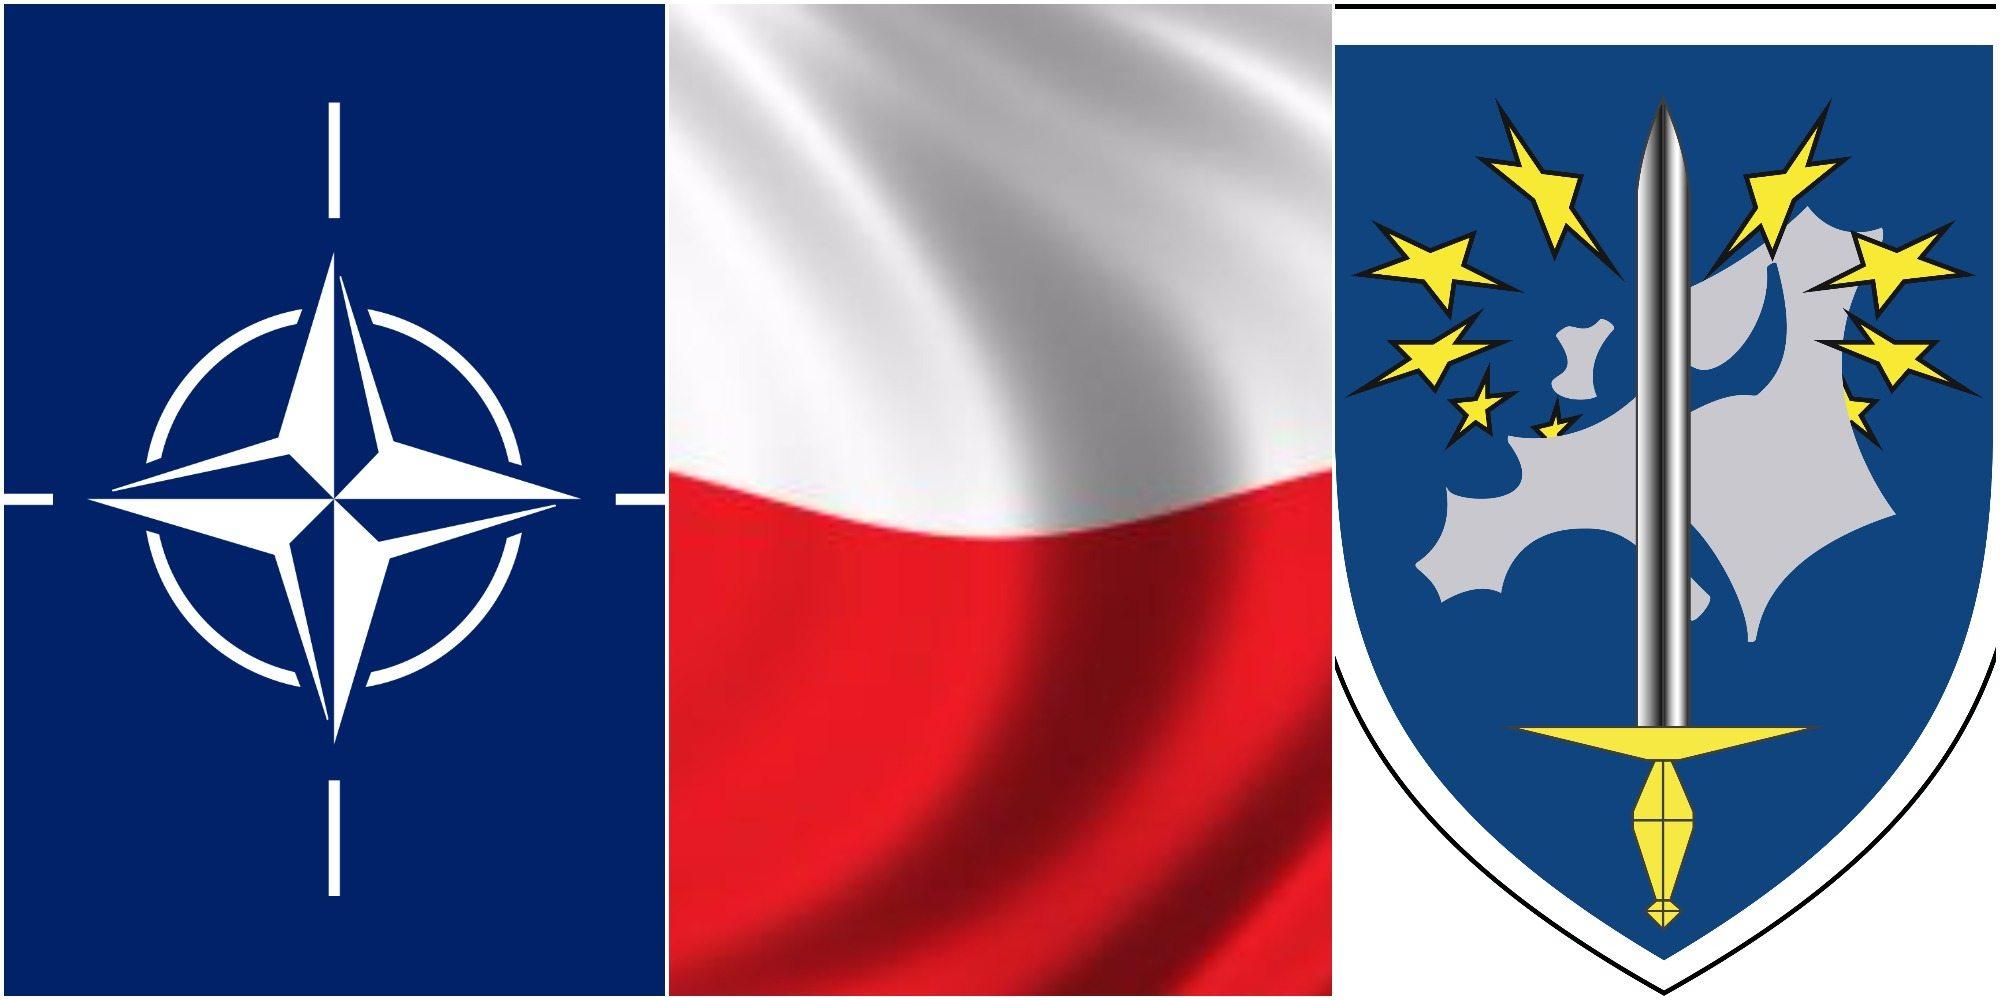 Odejście Polski z Eurokorpusu. Jest odpowiedź rządu PiS